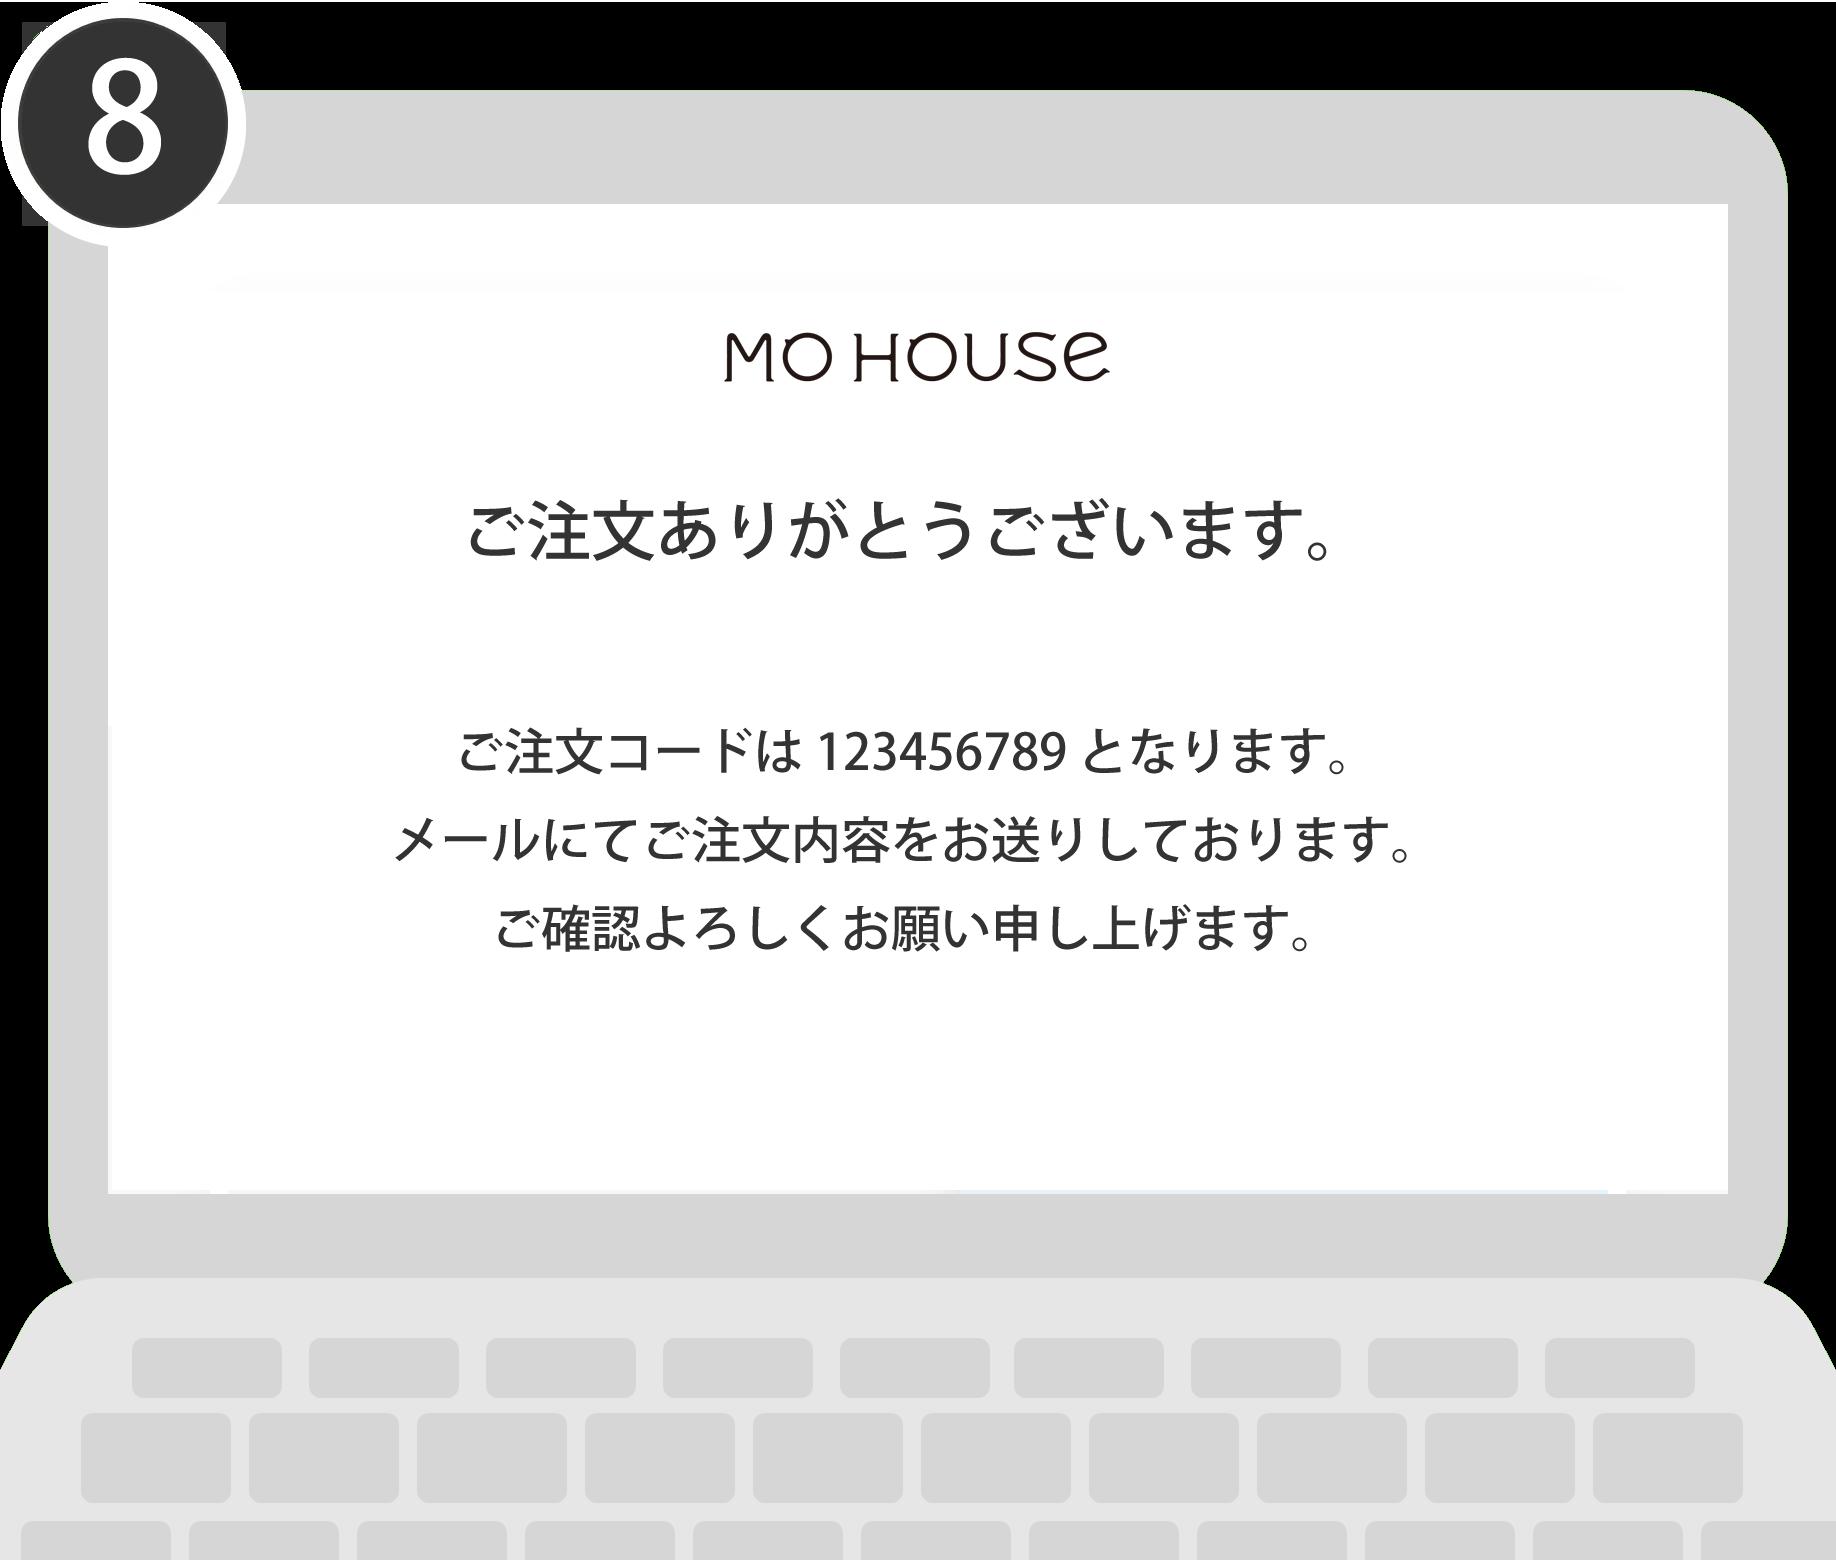 モーハウス注文完了